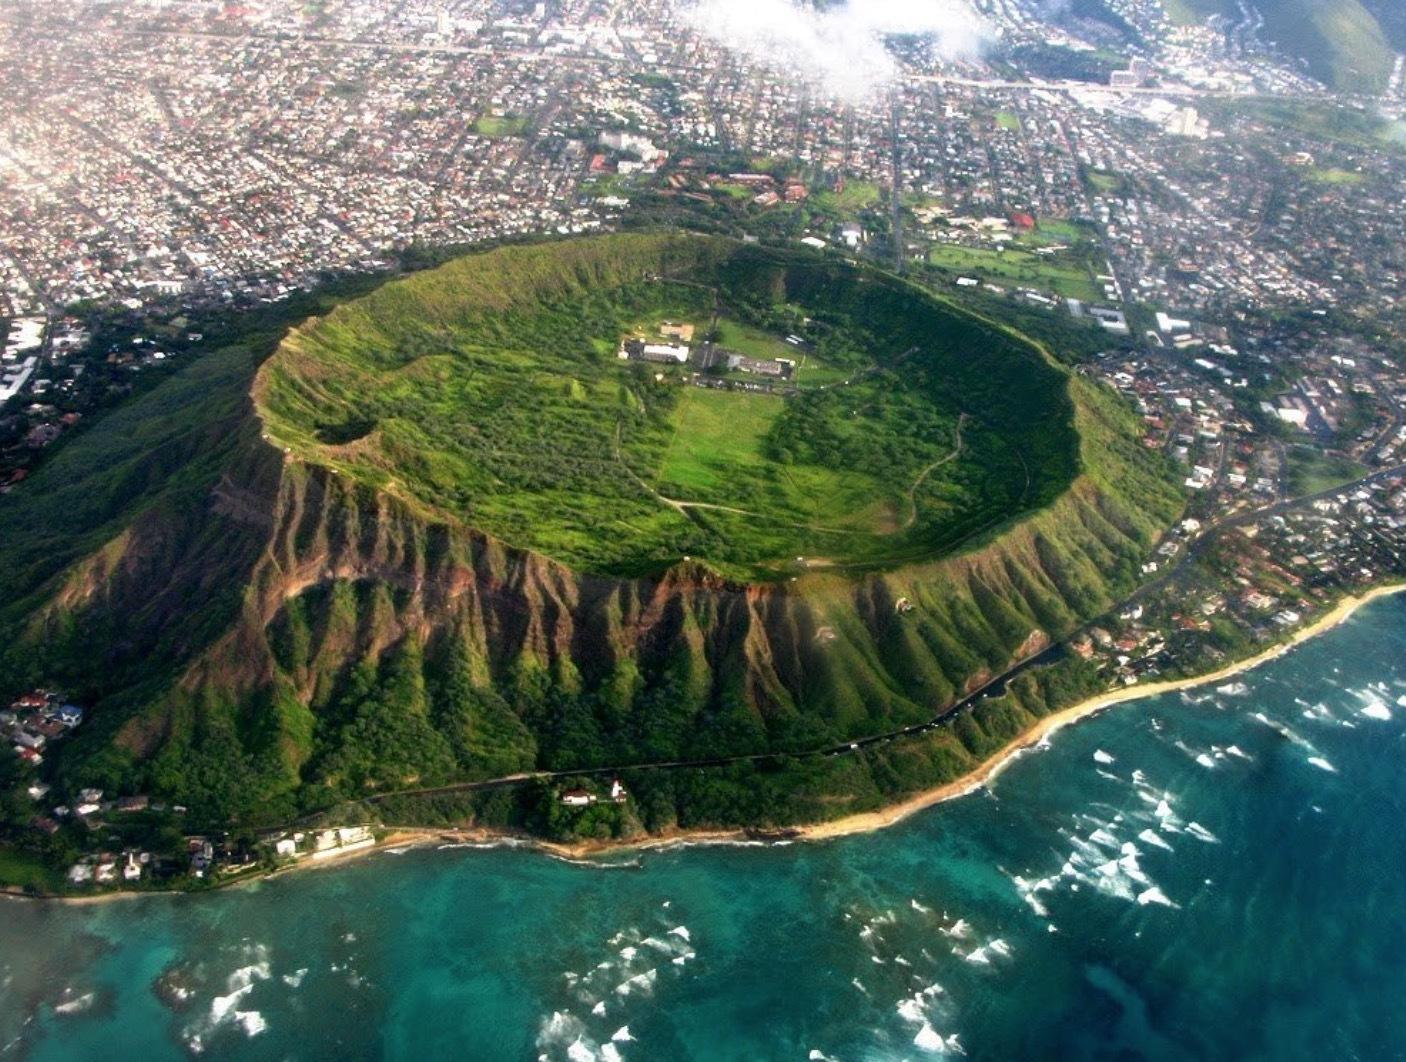 9 - Diamond Head State Monument, Honolulu Hawaii